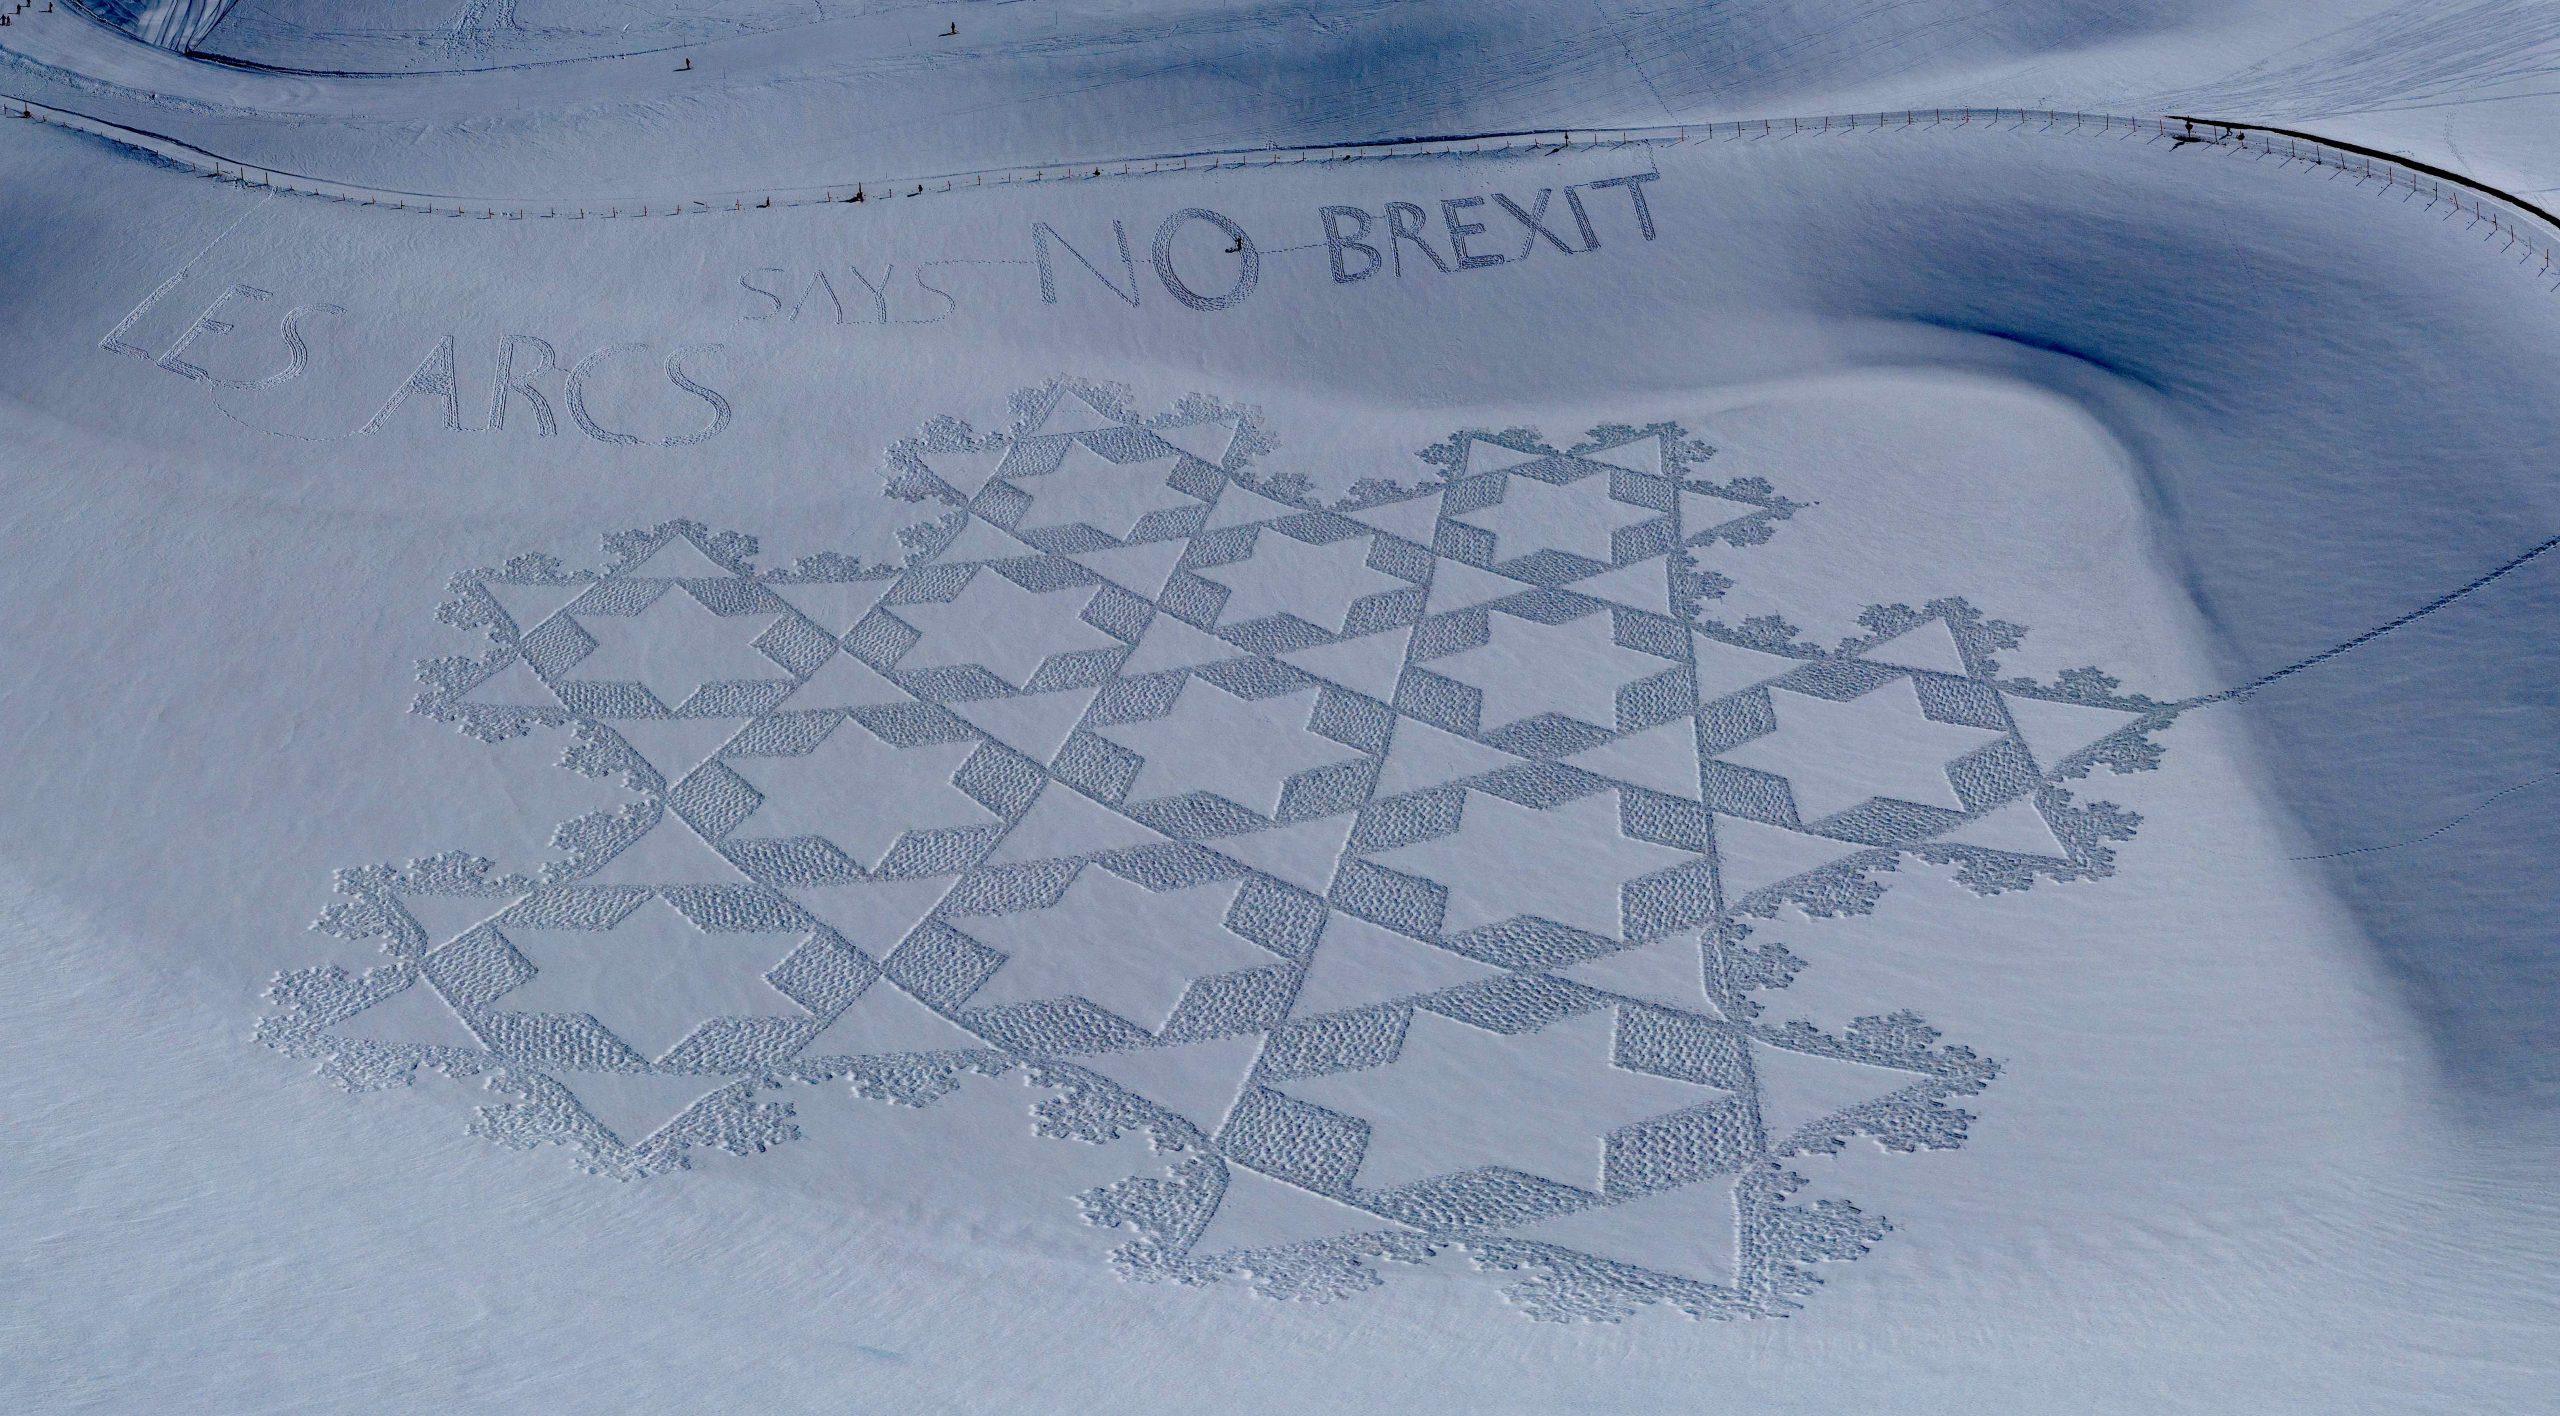 Les Arcs says no to Brexit_Simon Beck photo